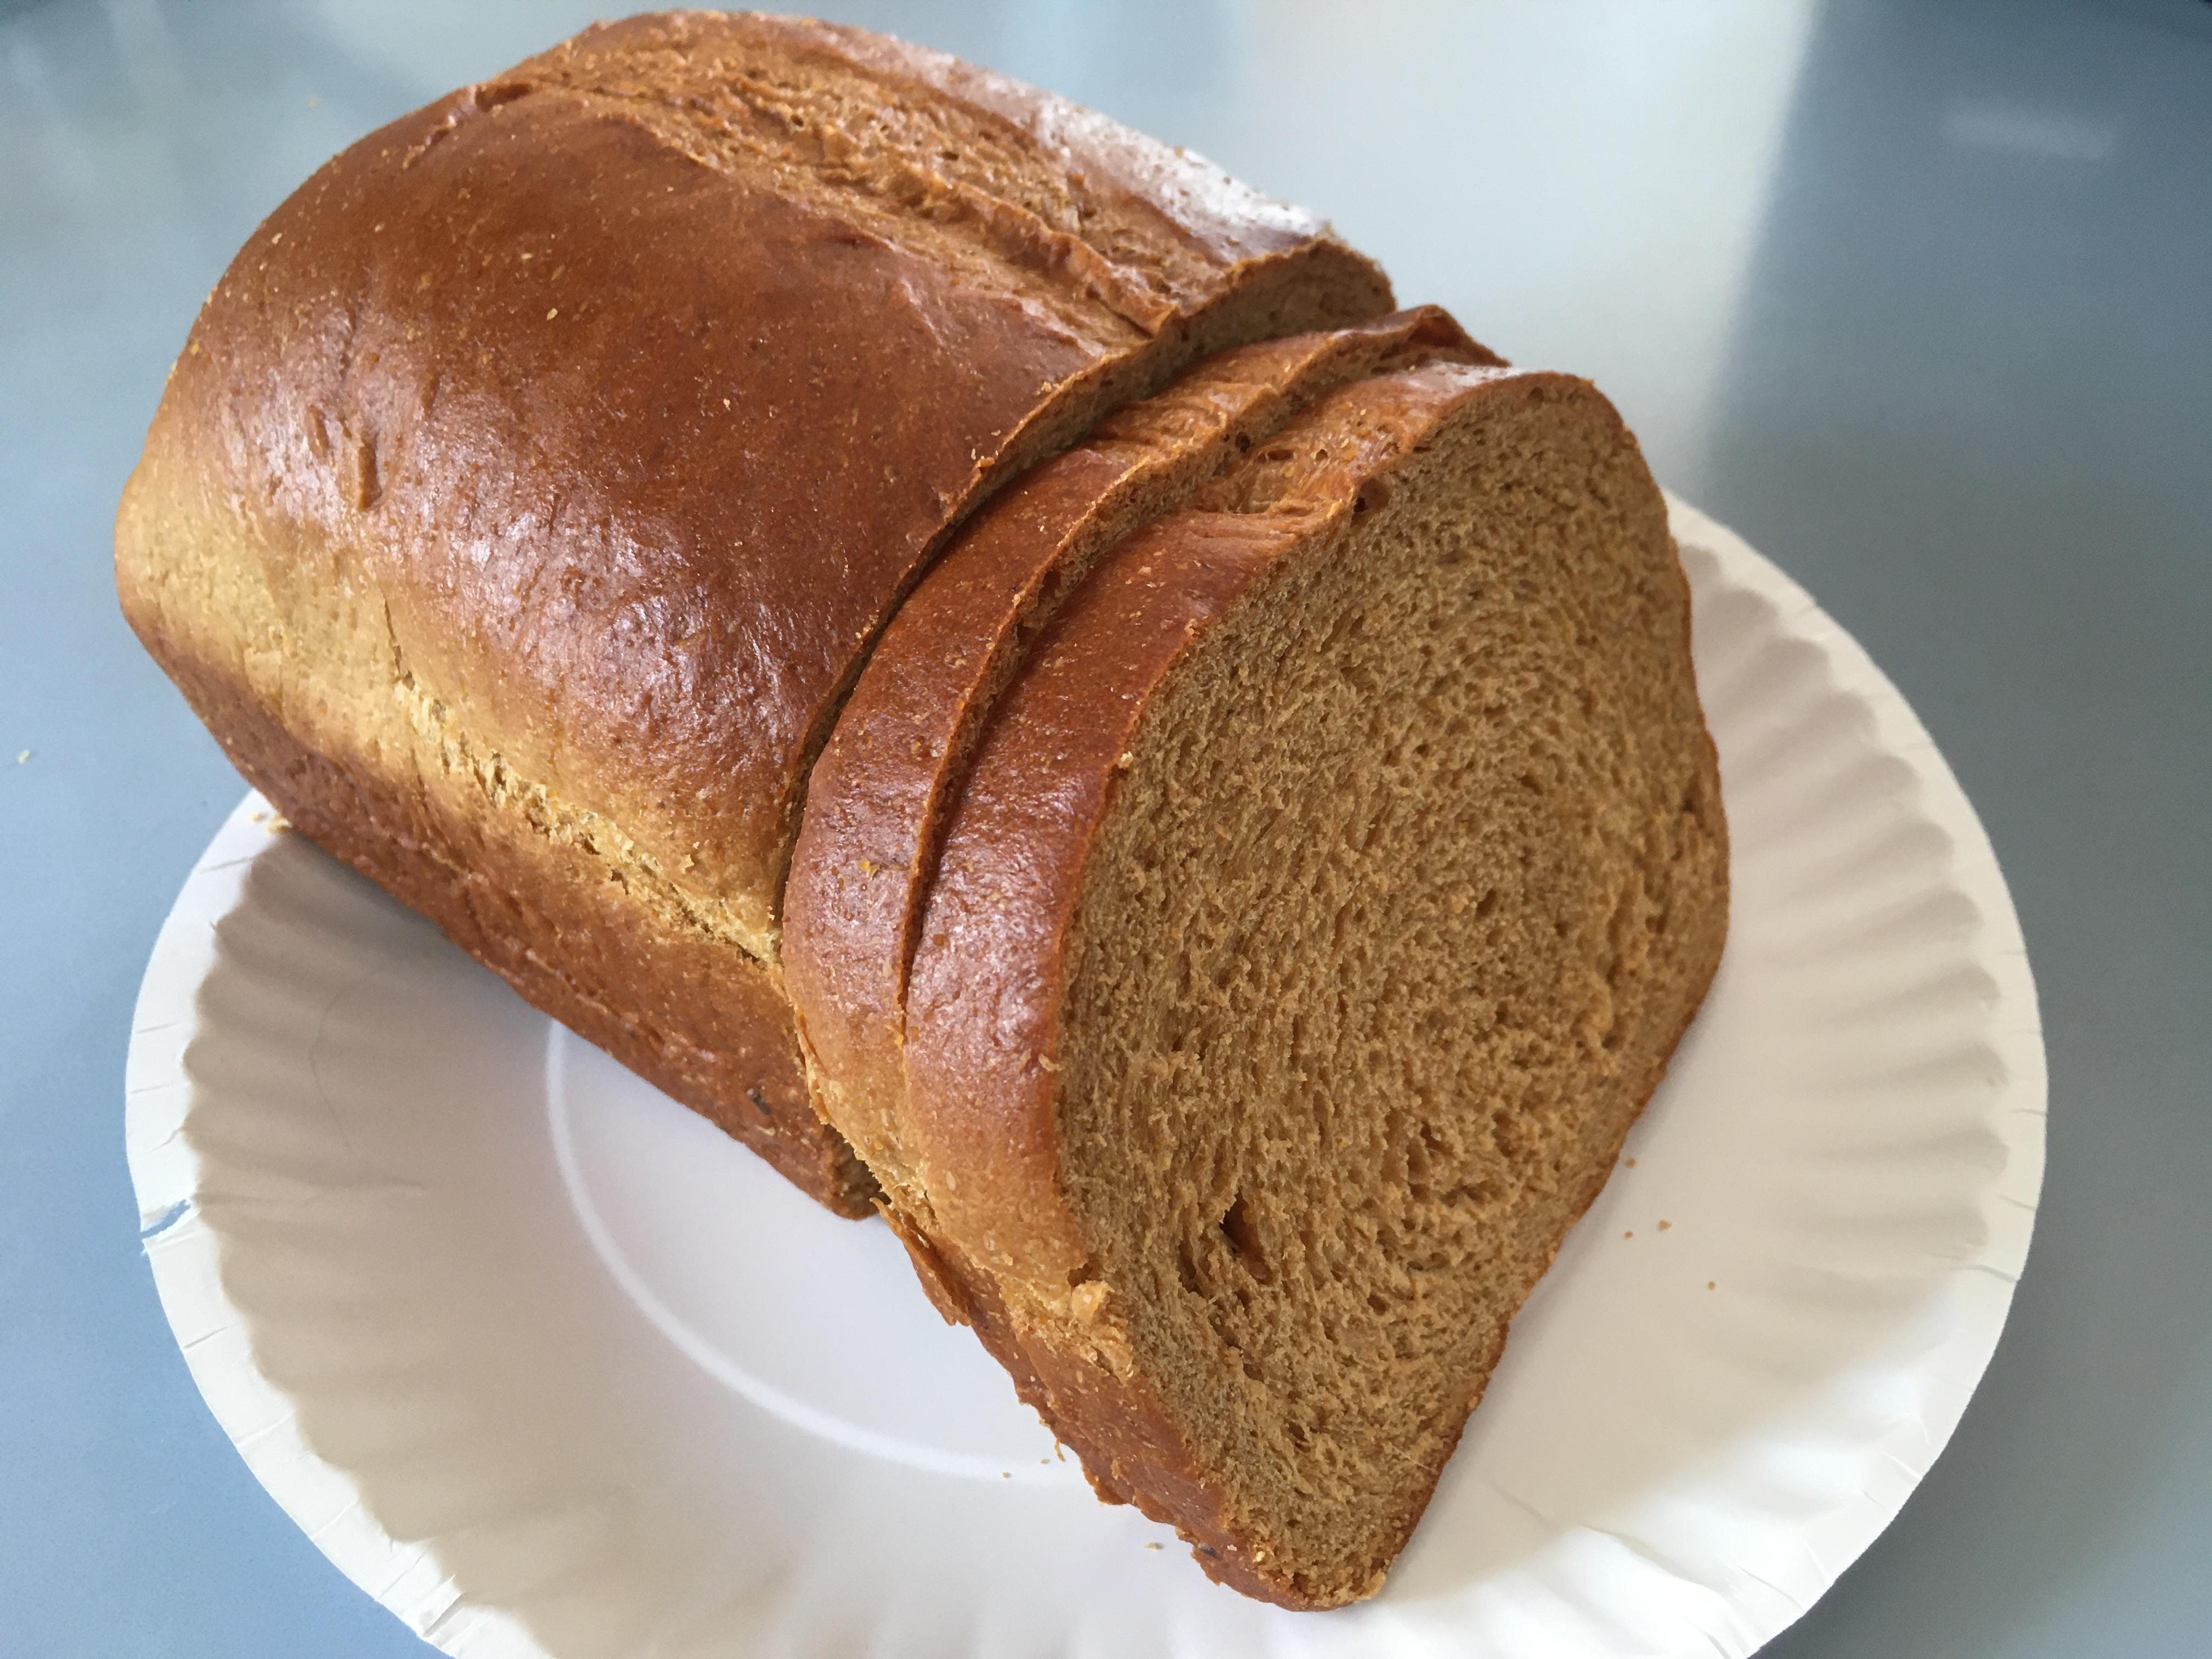 Anadama Bread WKND Chef Jeff